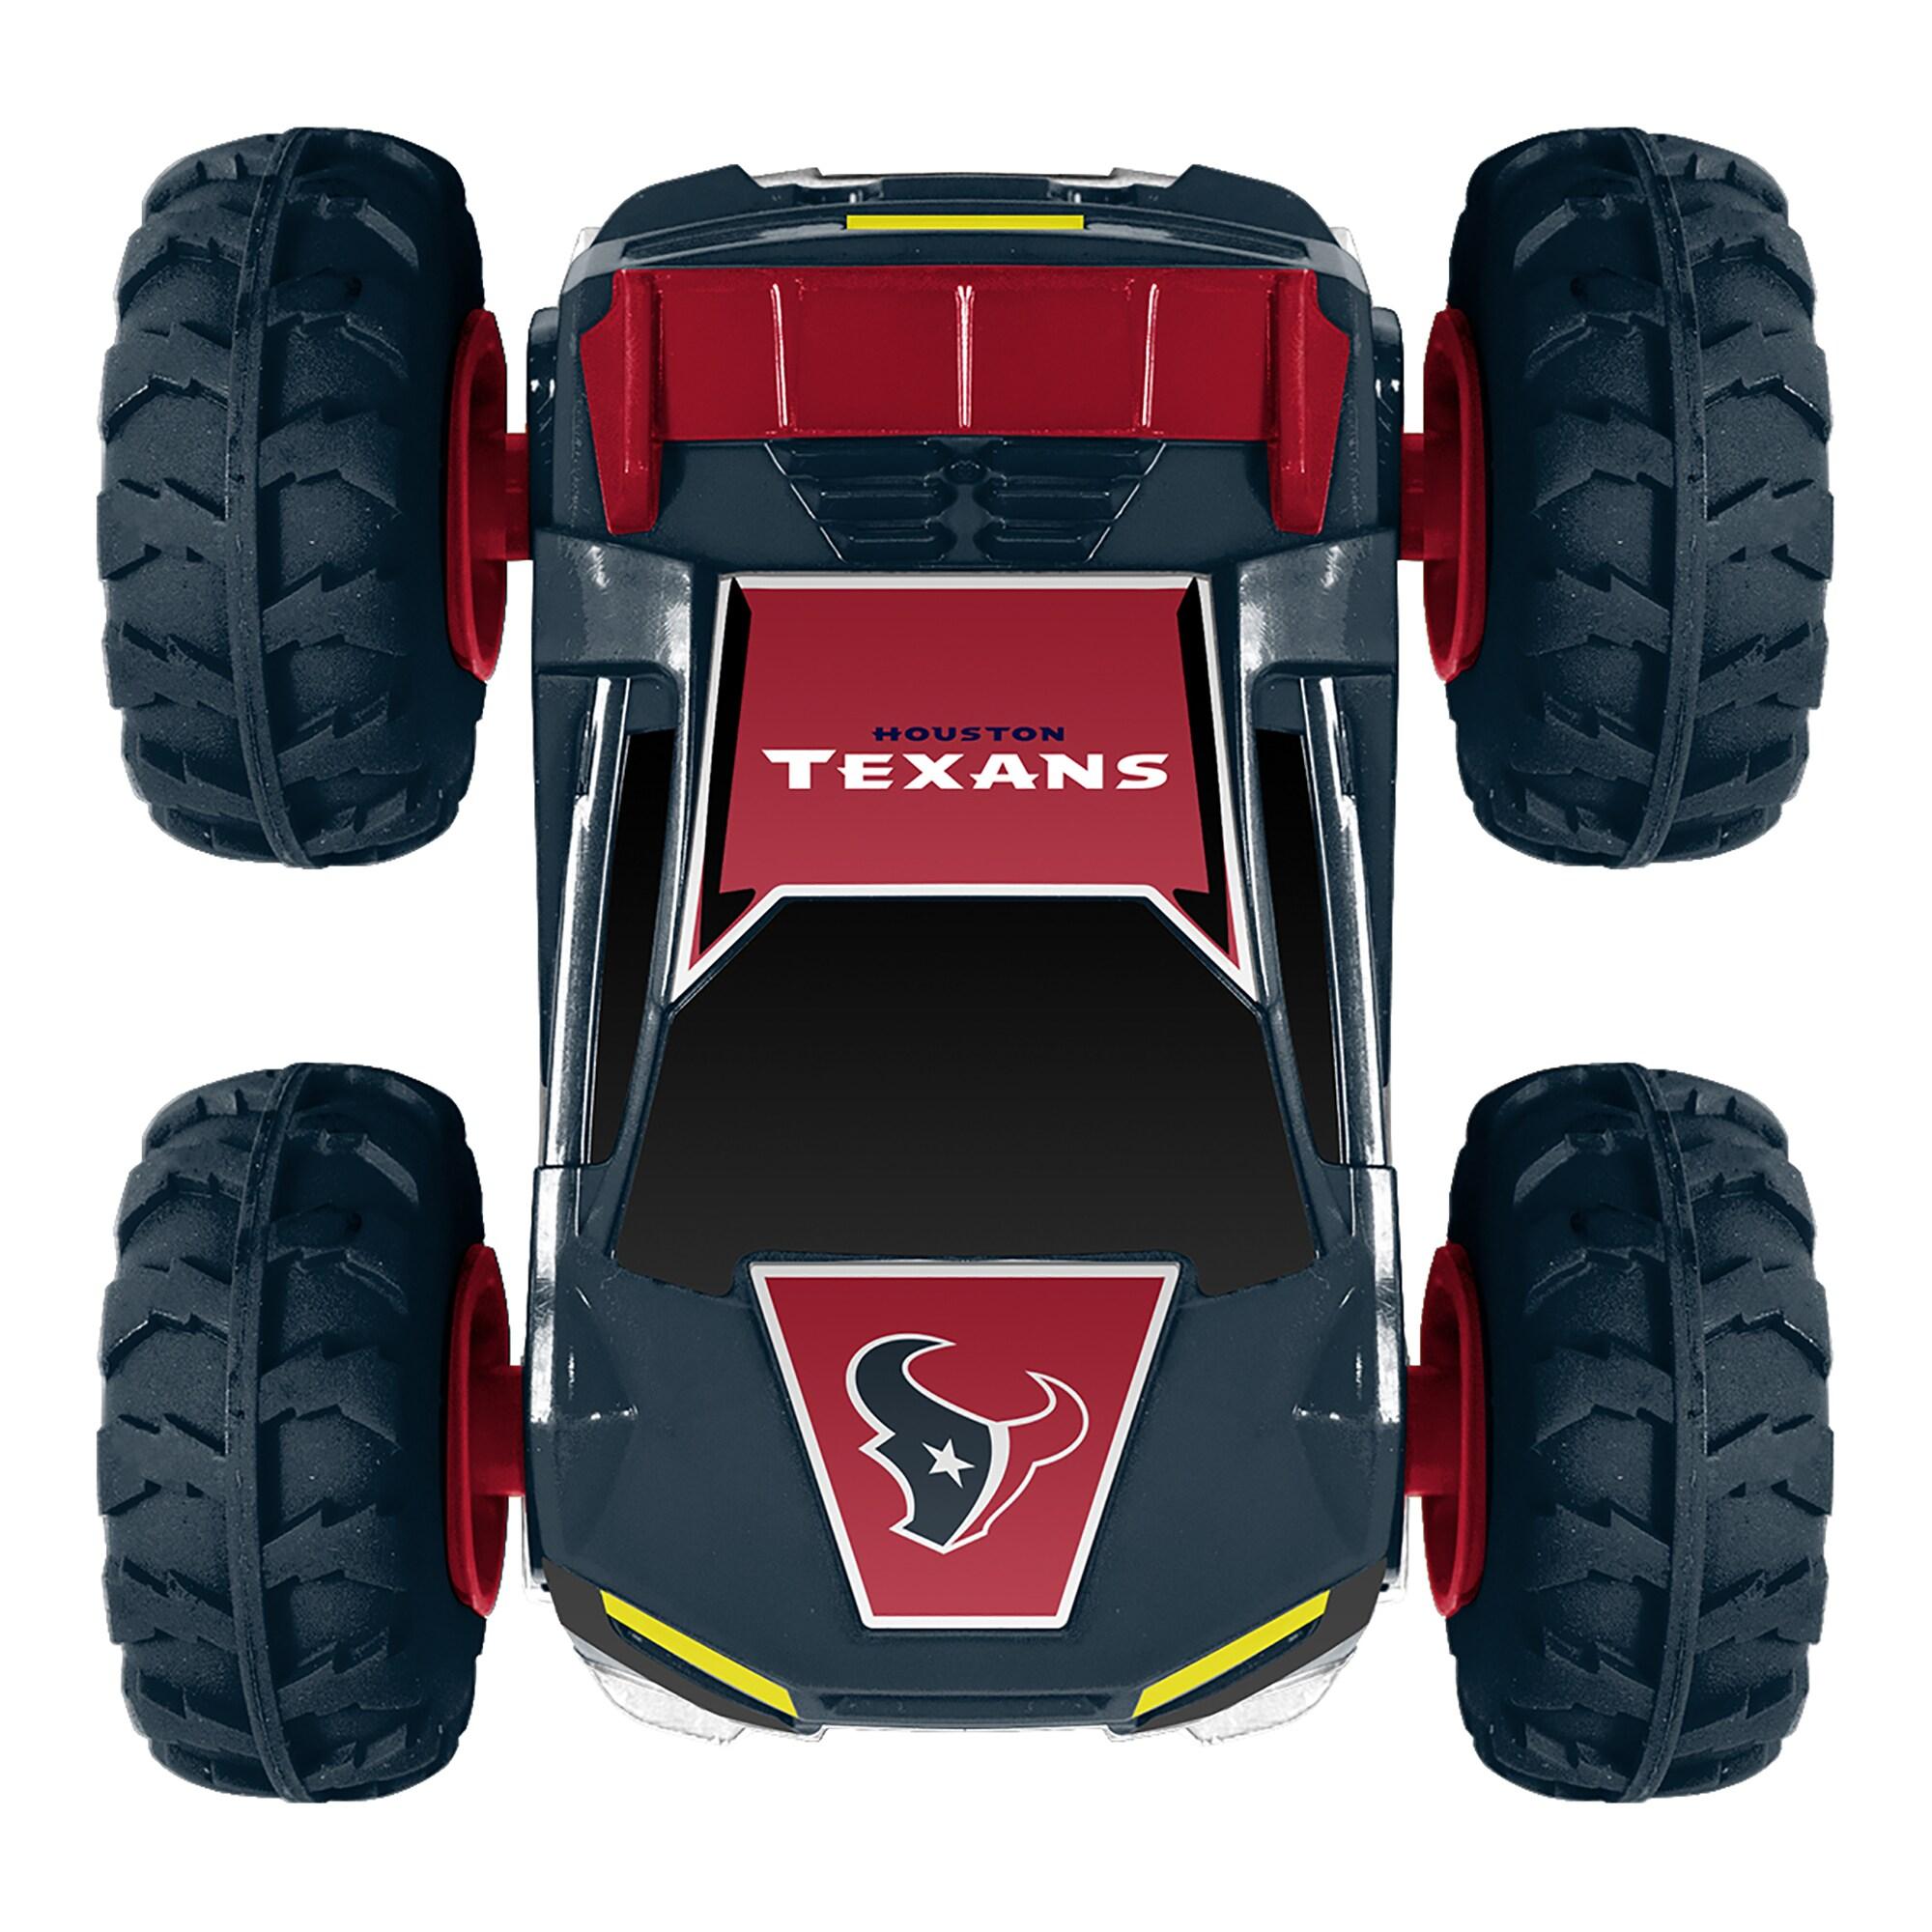 Houston Texans Two-Sided Flip Racer Stunt Car